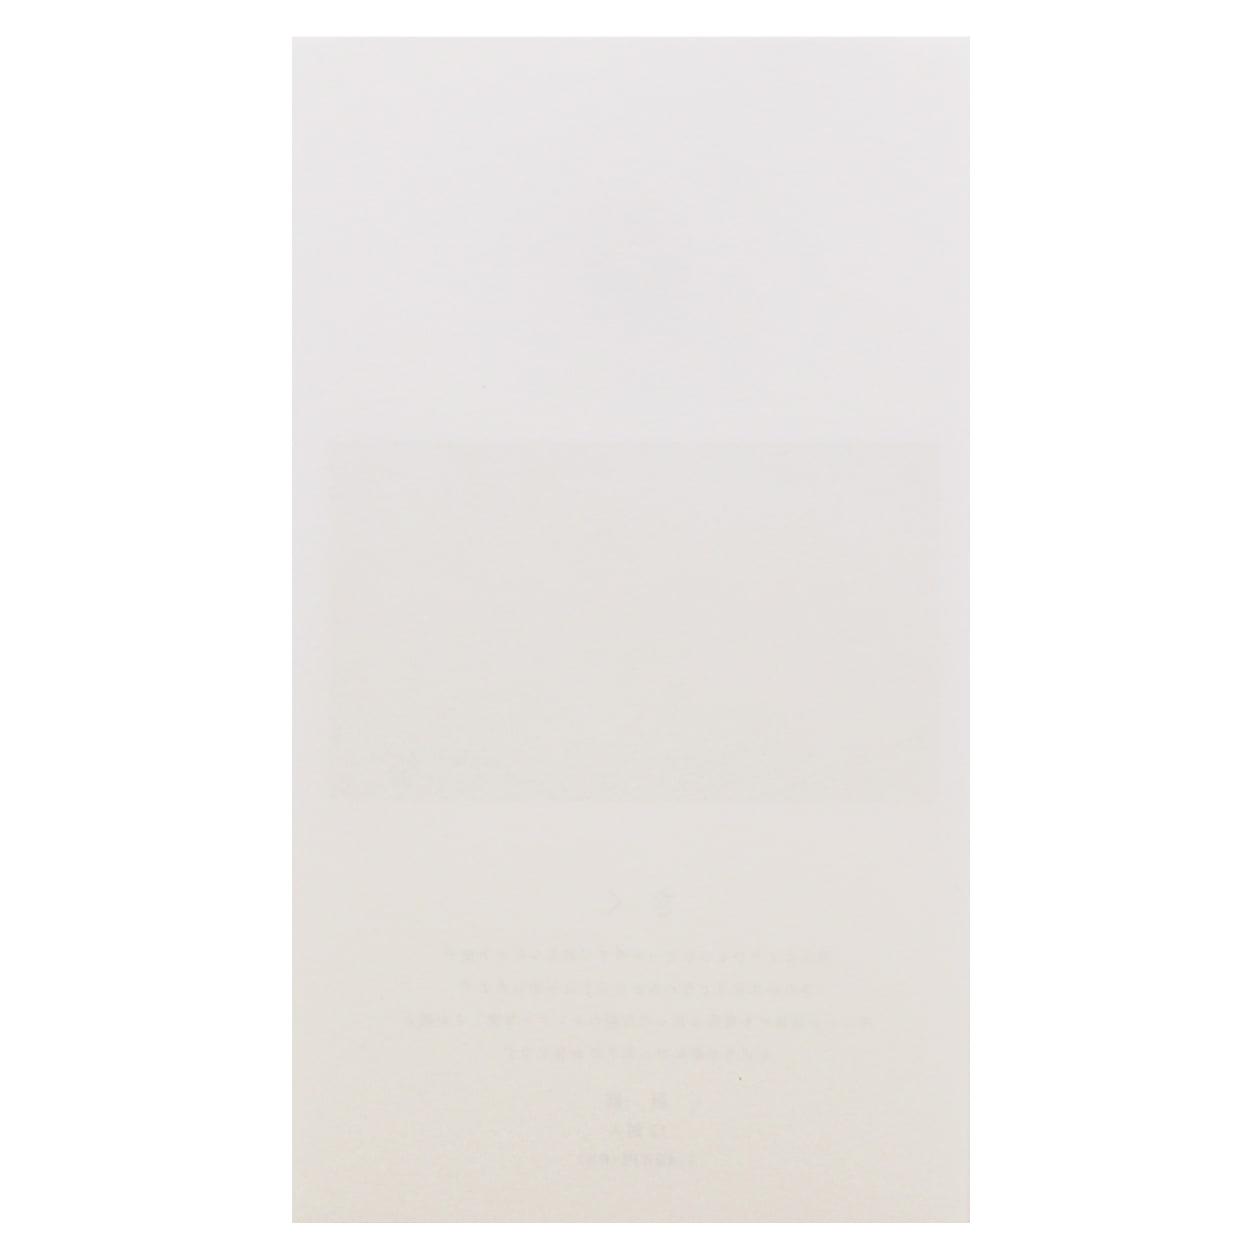 サンプル カード・シート 00174